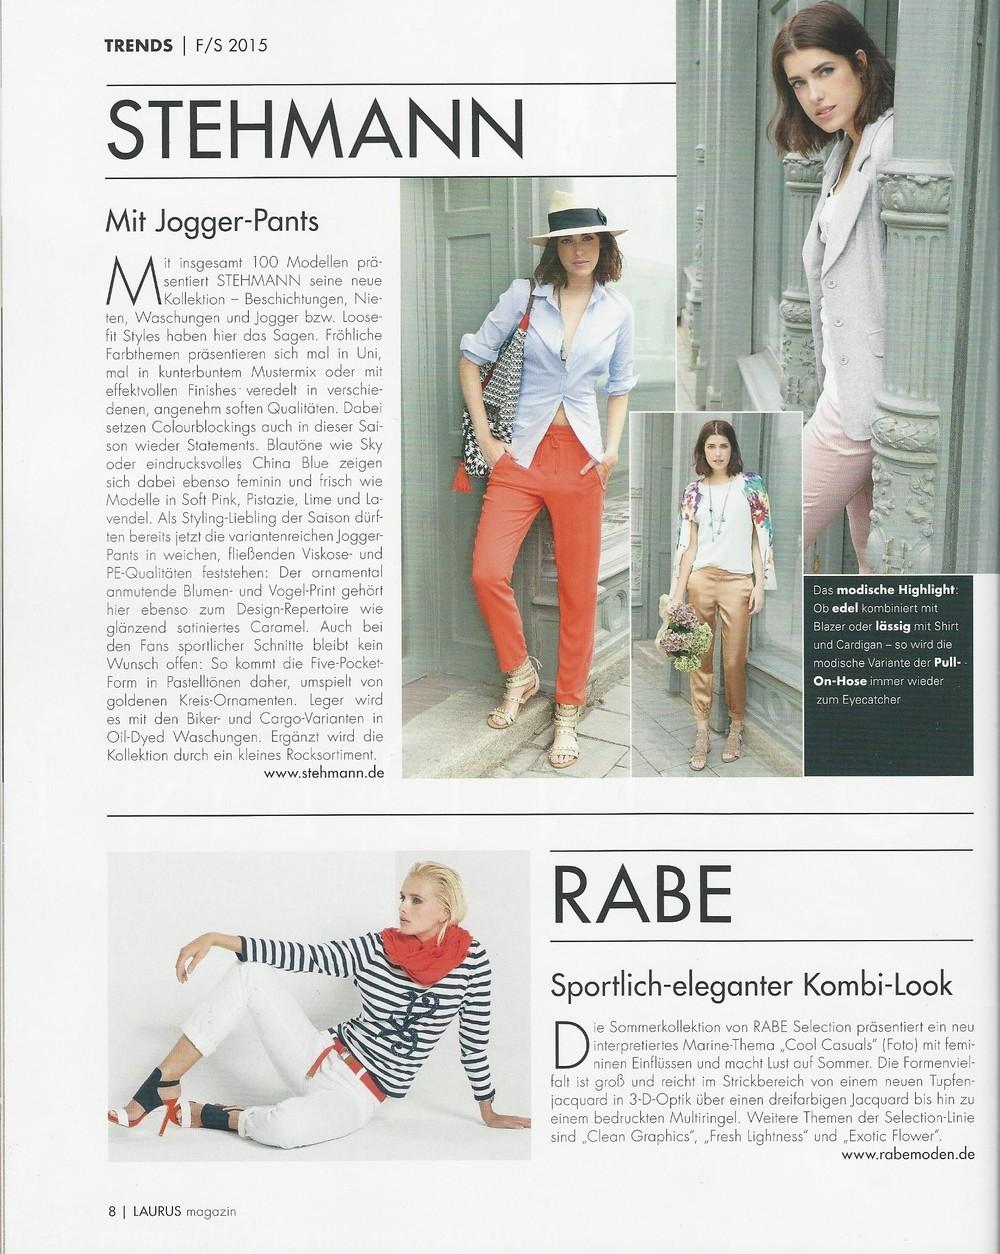 Stehmann_Laurus_072014.jpg